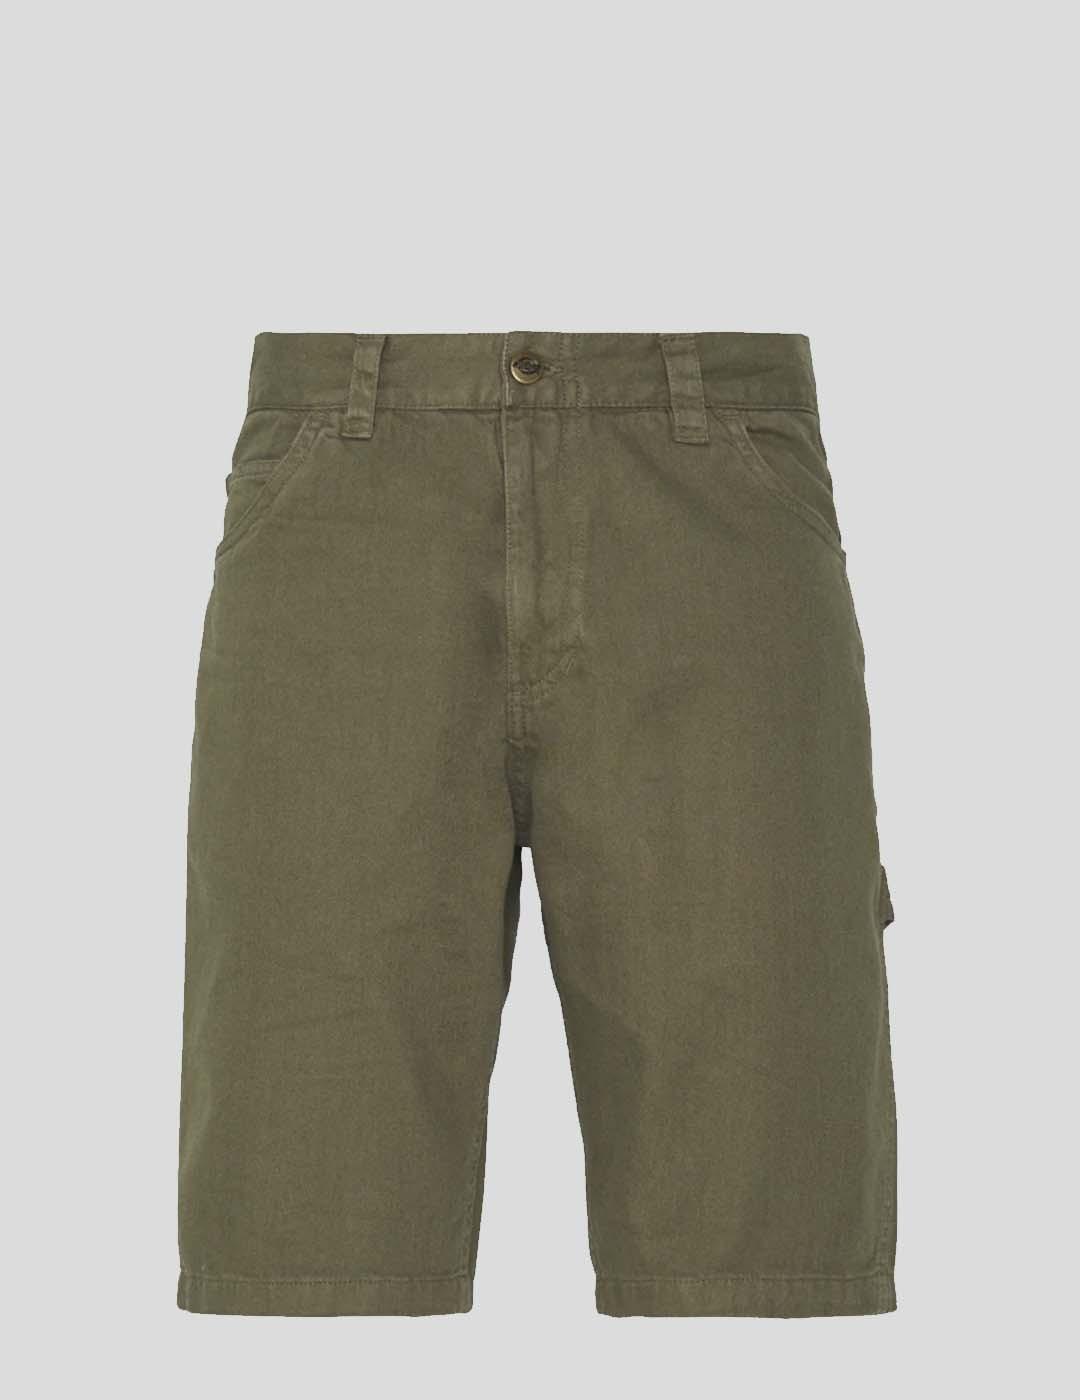 Lgraka Pantalones Cortos de pa/ñales para ni/ños 2 en 1,C/ómodos Pantalones de Dibujos Animados Impermeables y absorbentes a Prueba de Fugas de Cintura Alta Que protegen el Vientre